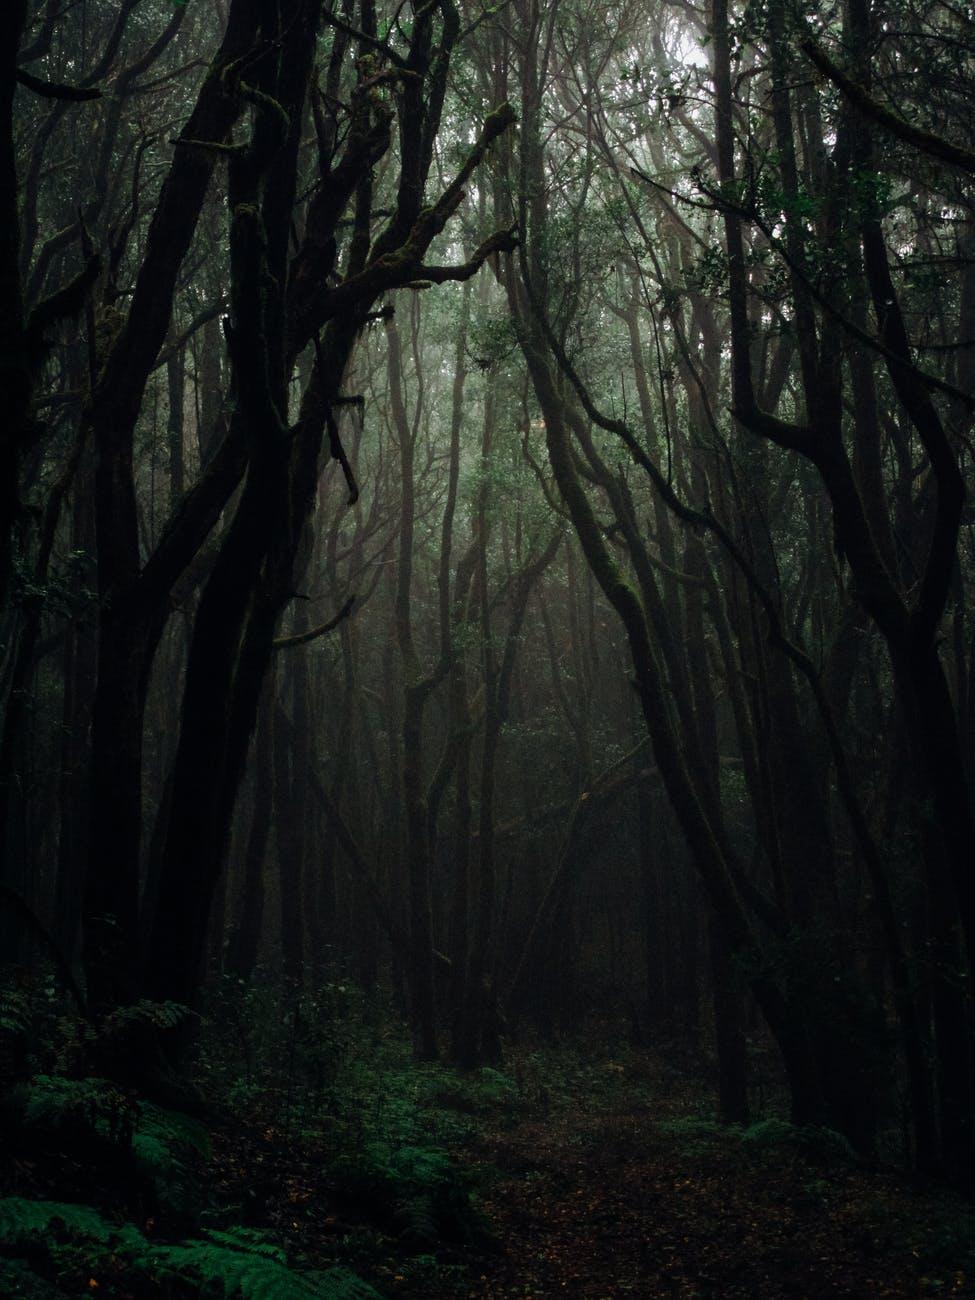 dark dense forest